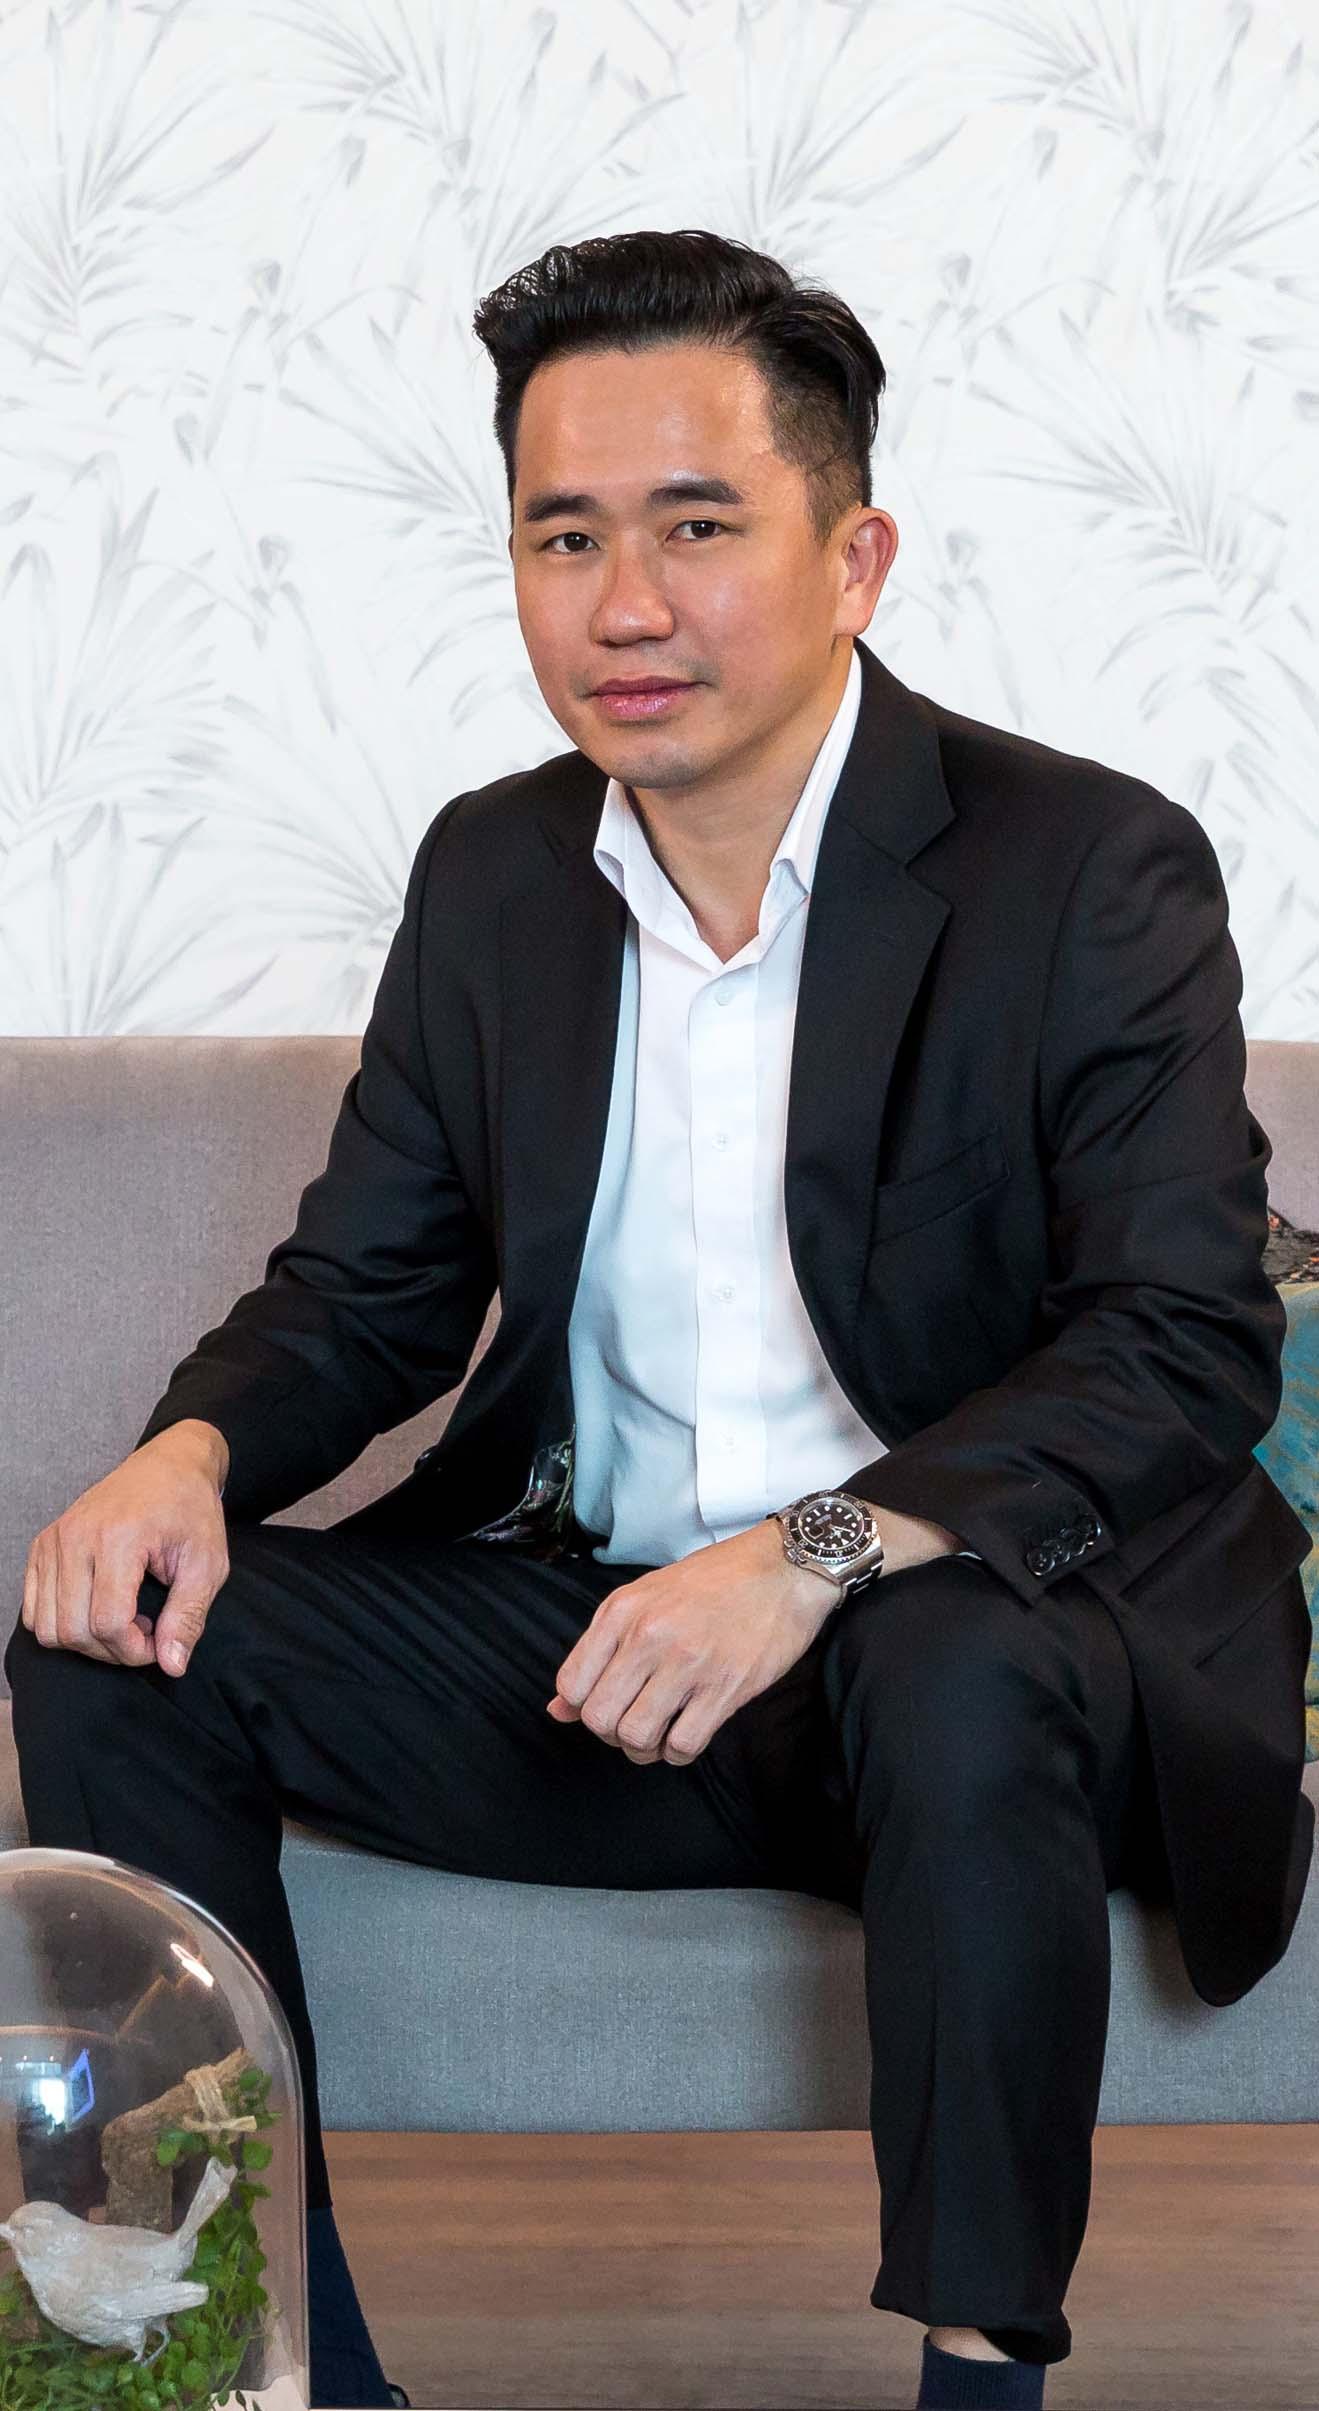 Ir. Low Wuu Shin